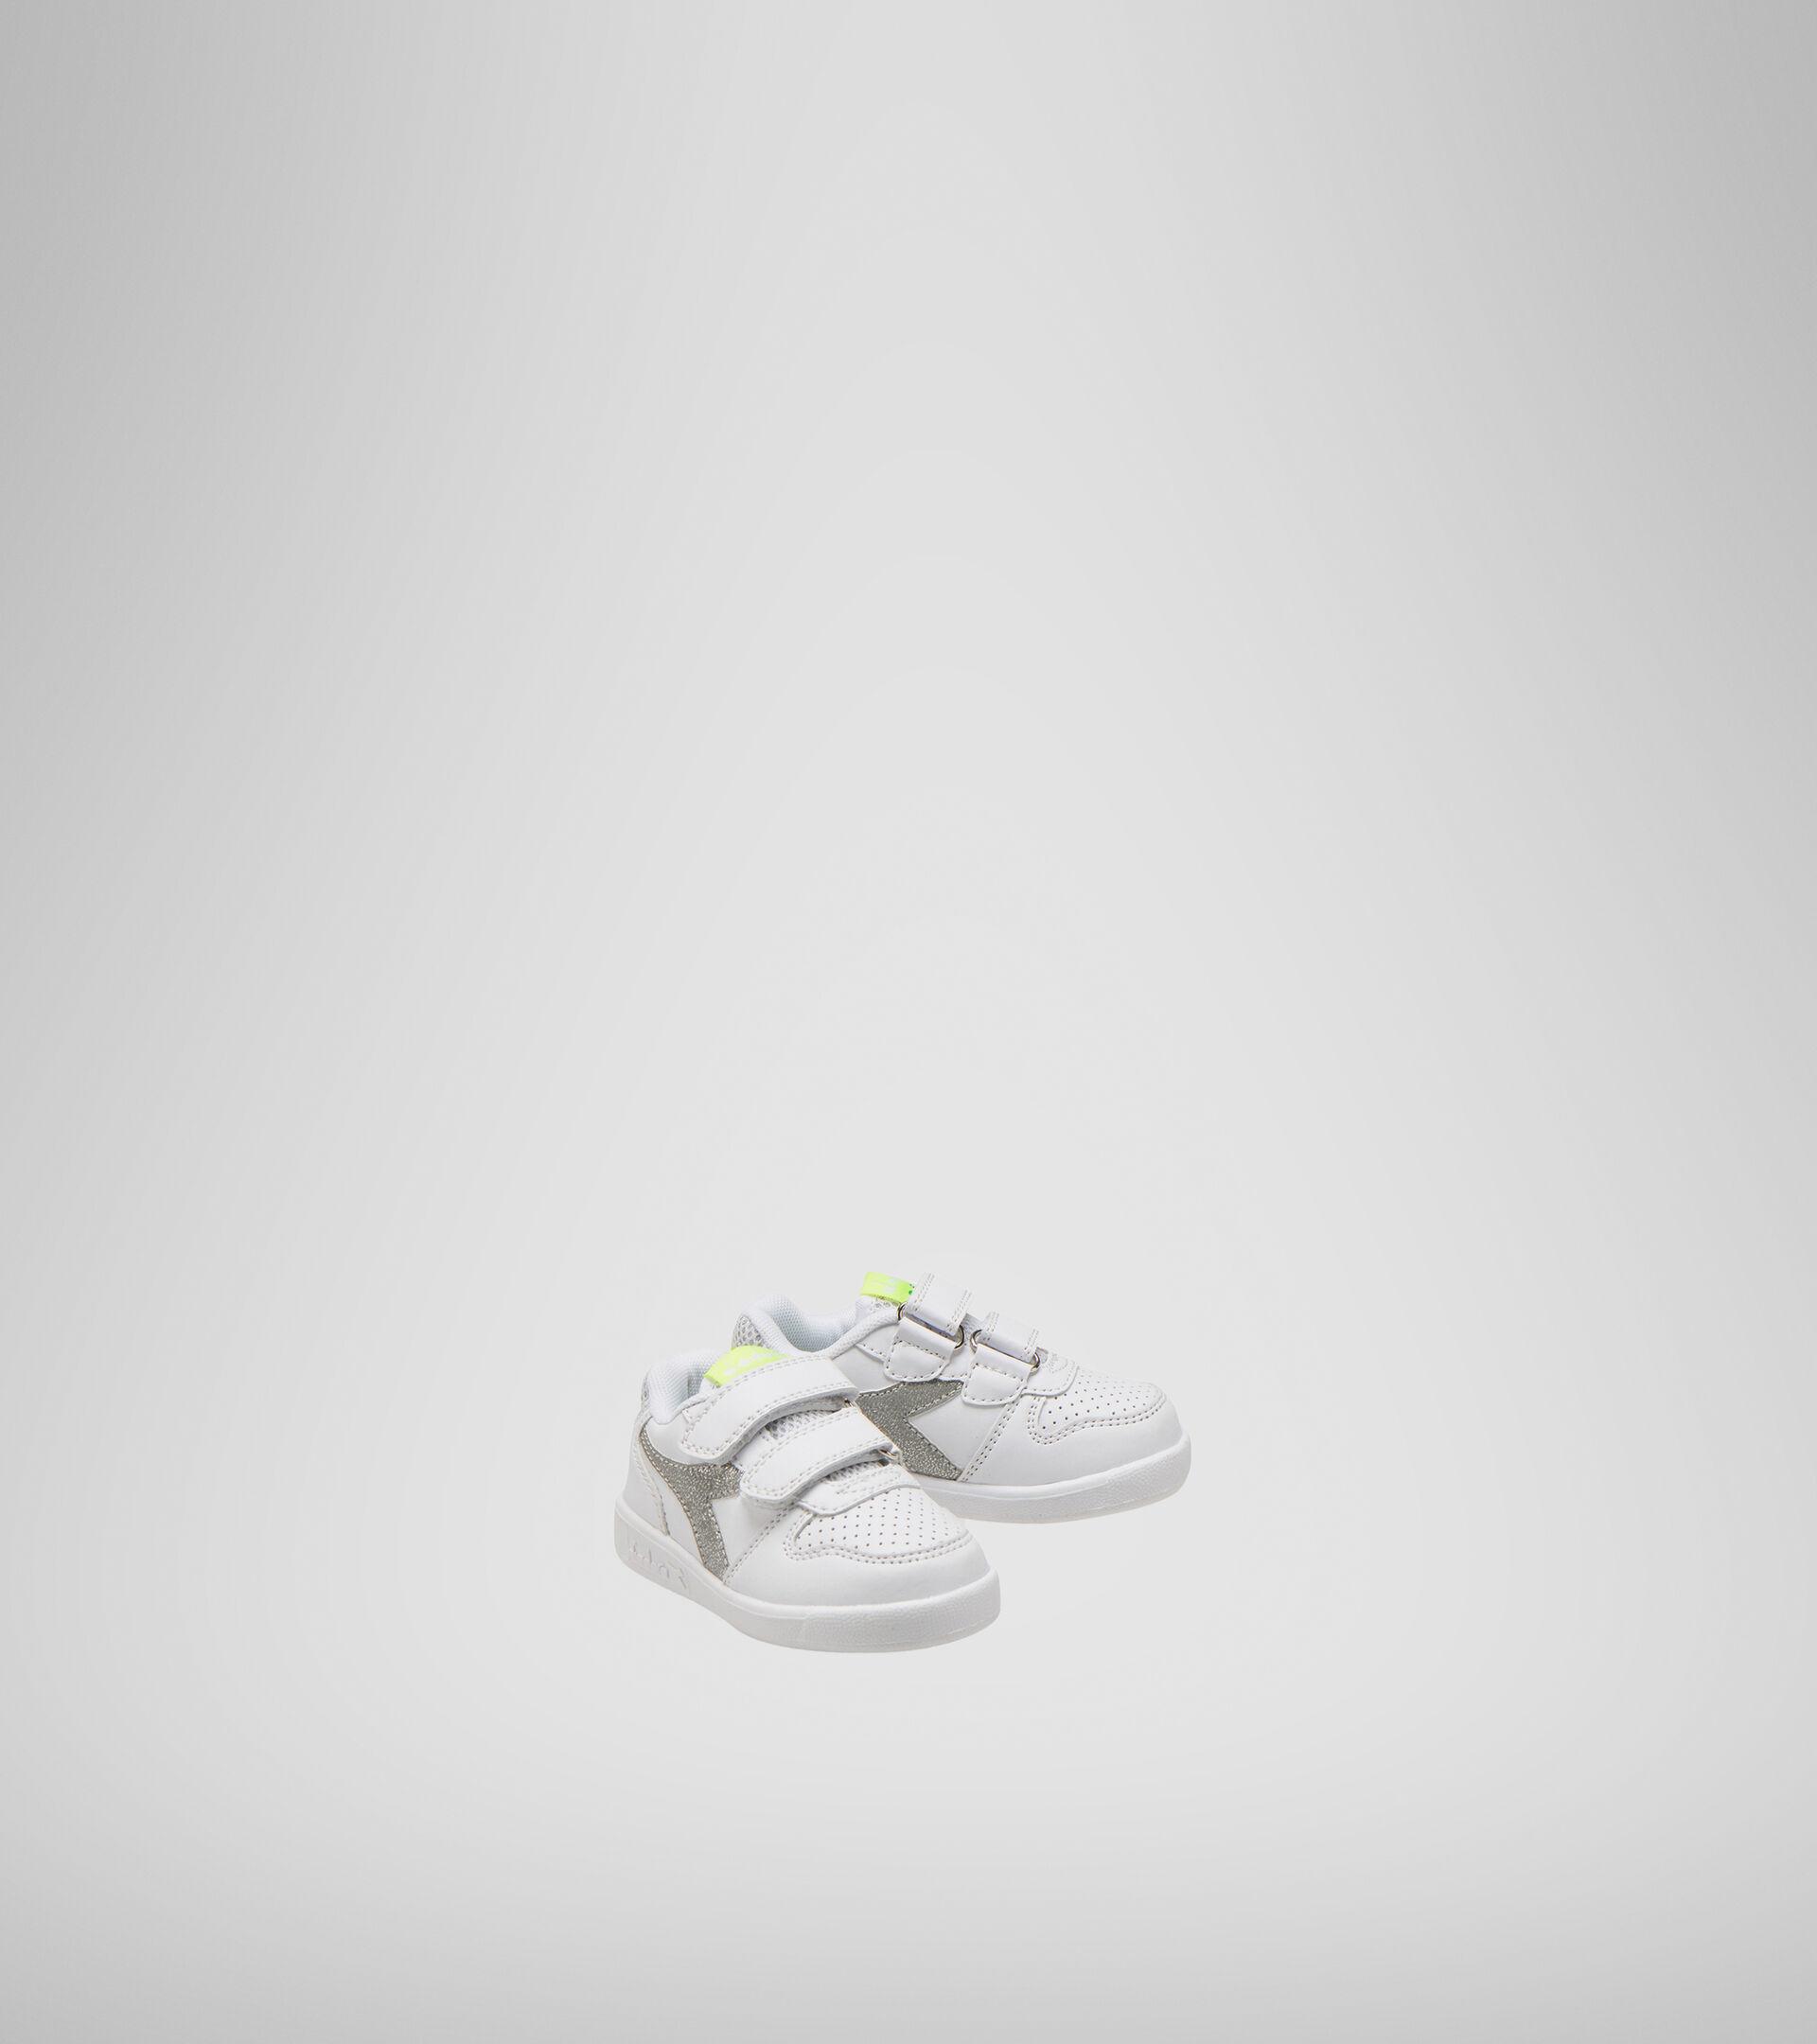 Zapatilla deportiva - Niños pequeños 1-4 años PLAYGROUND TD GIRL BLANCO/ORO CLARO BRILLANTE - Diadora